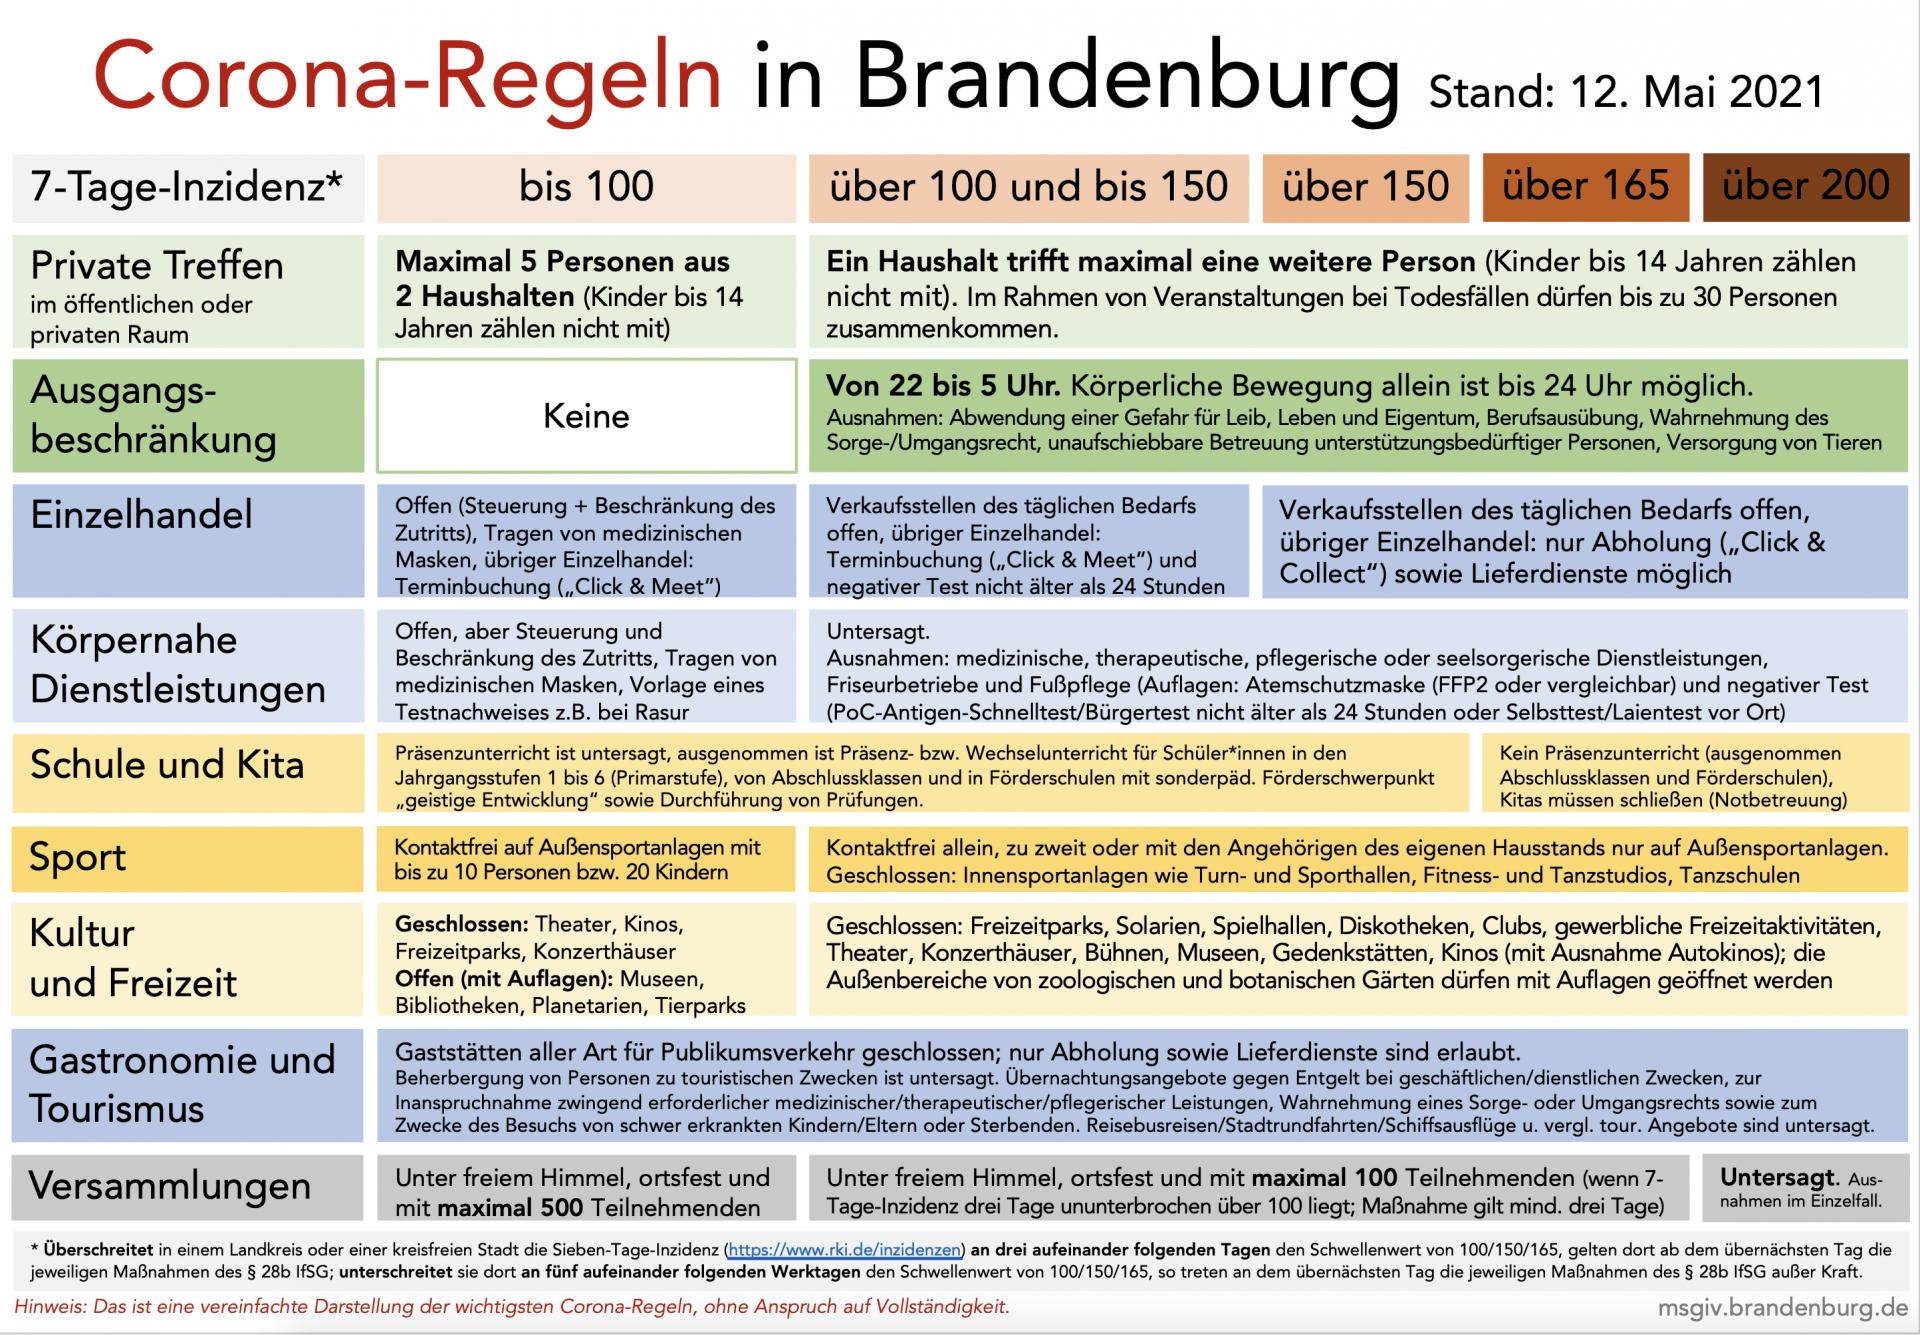 Coronaregeln in Brandenburg - Stand 12.05.2021